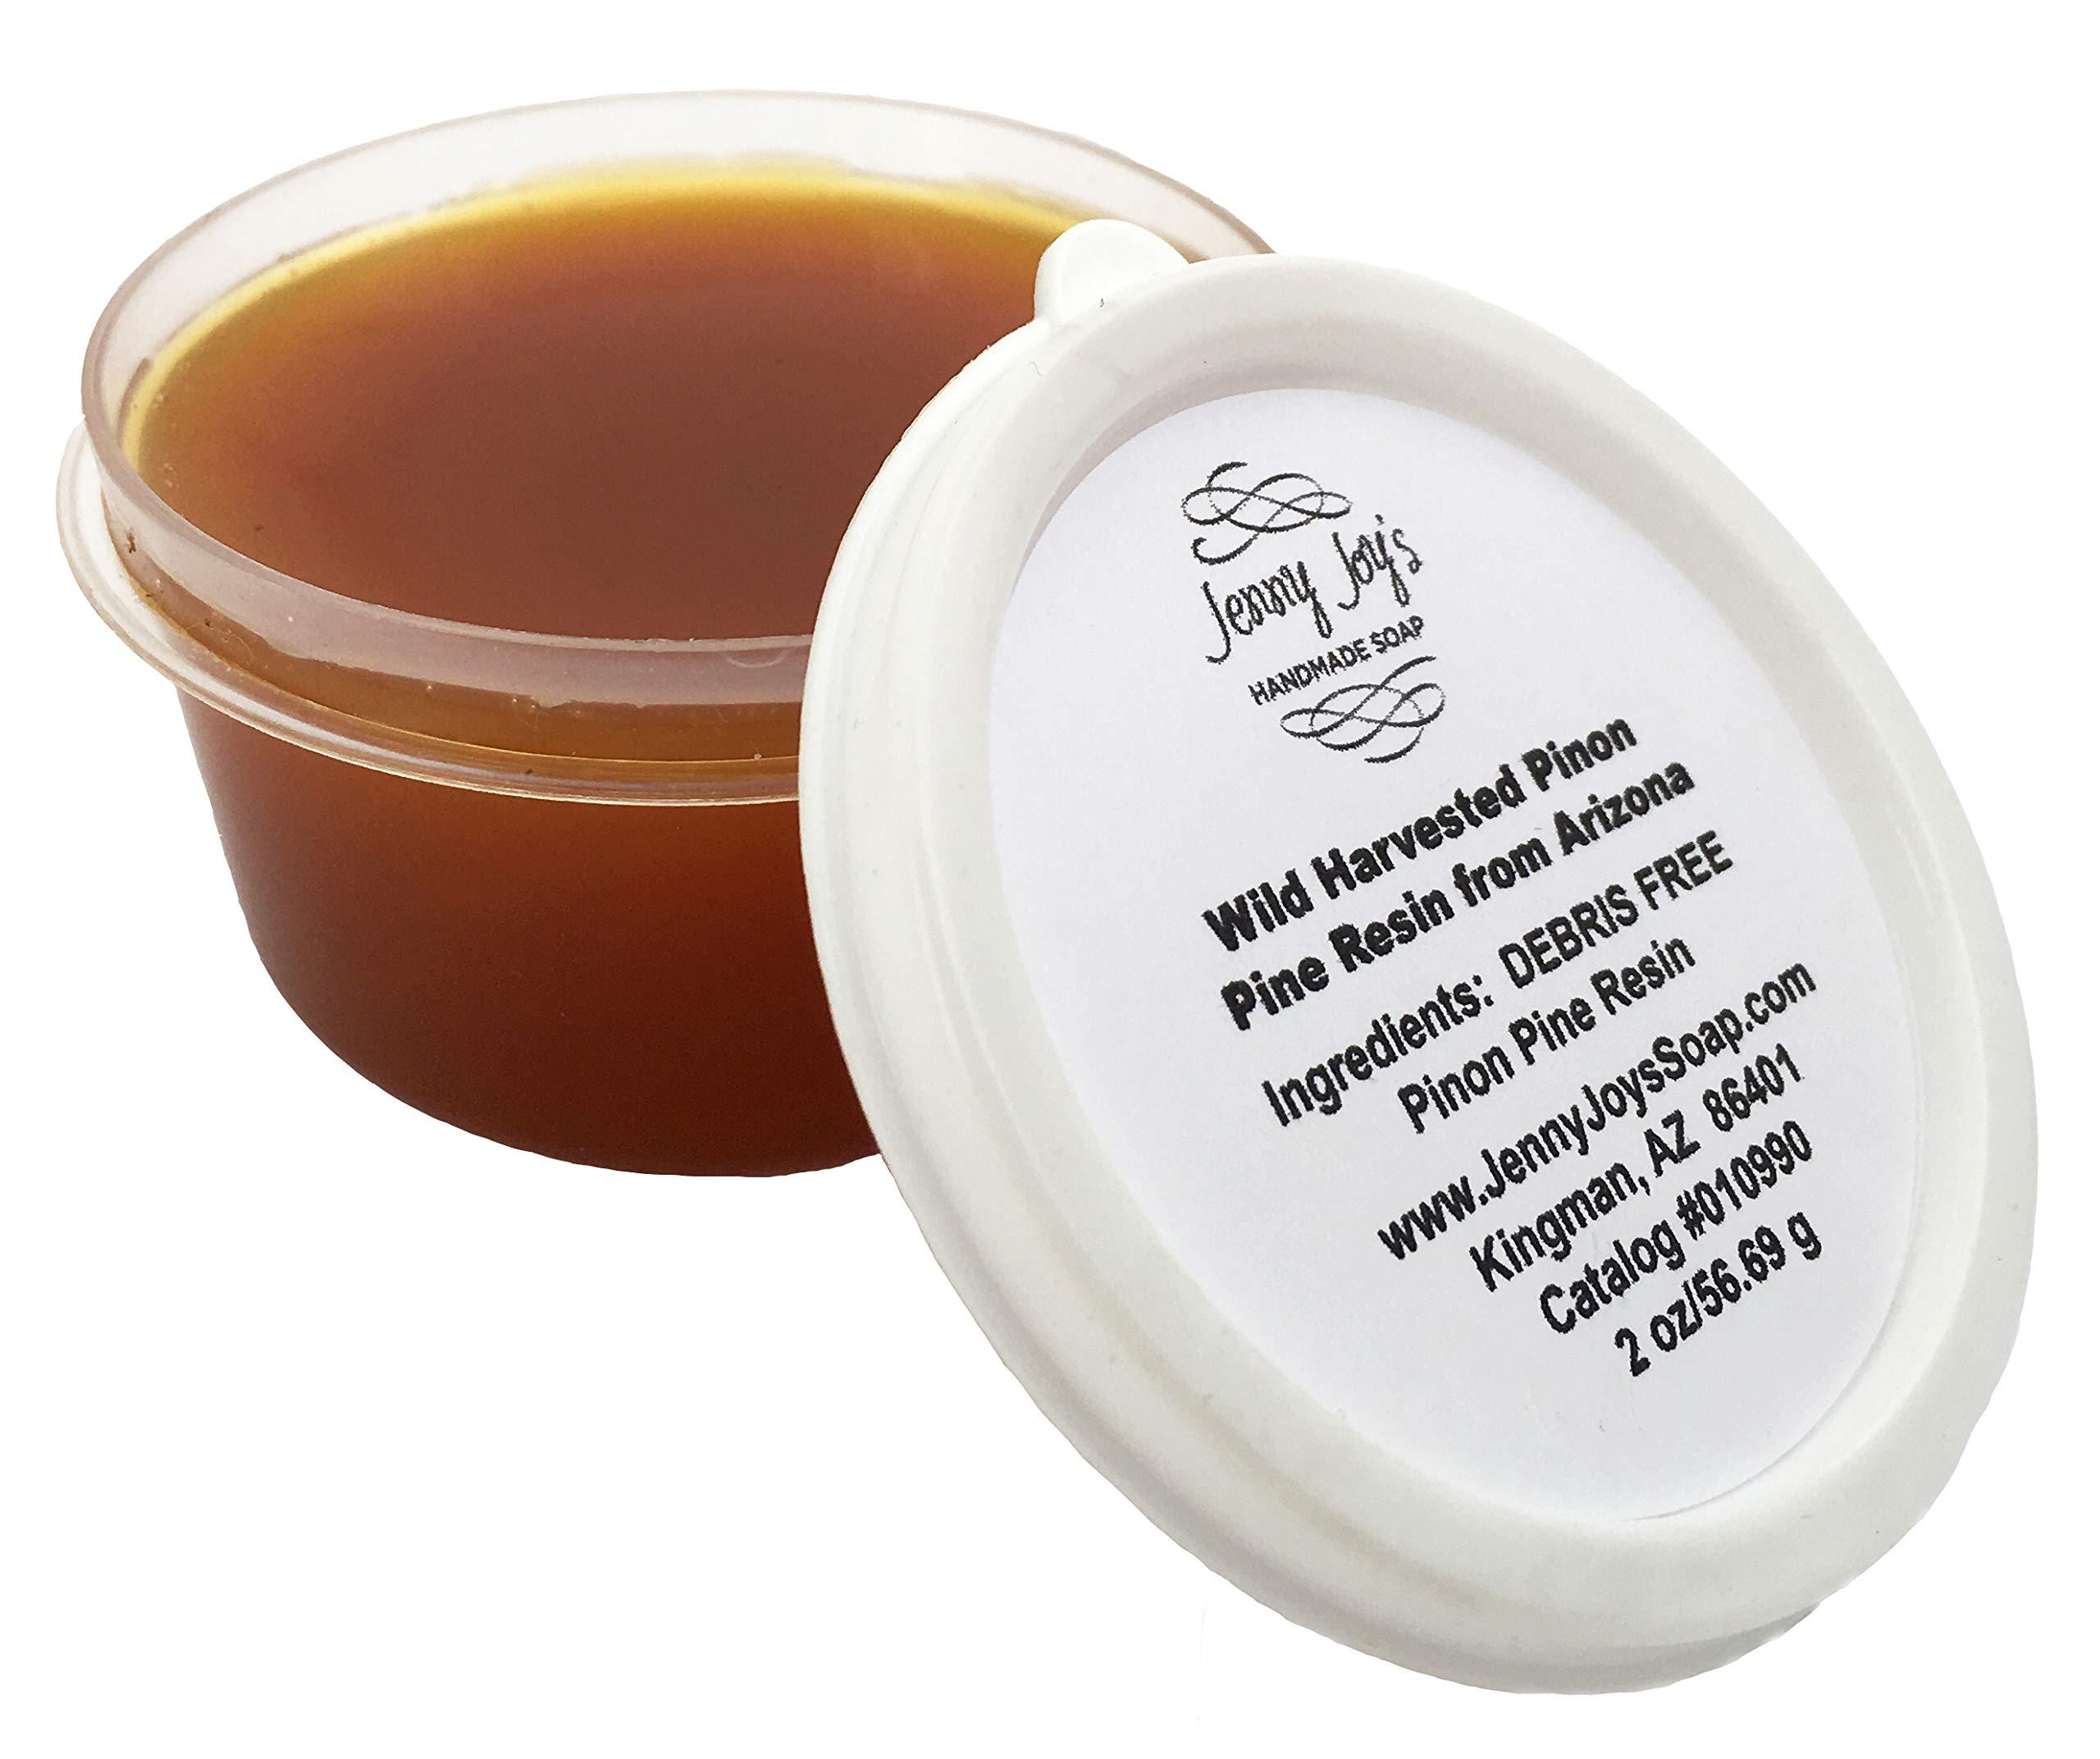 Jenny Joy's Soap Pinon (Pinyon) Pine Refined Resin Incense from Arizona